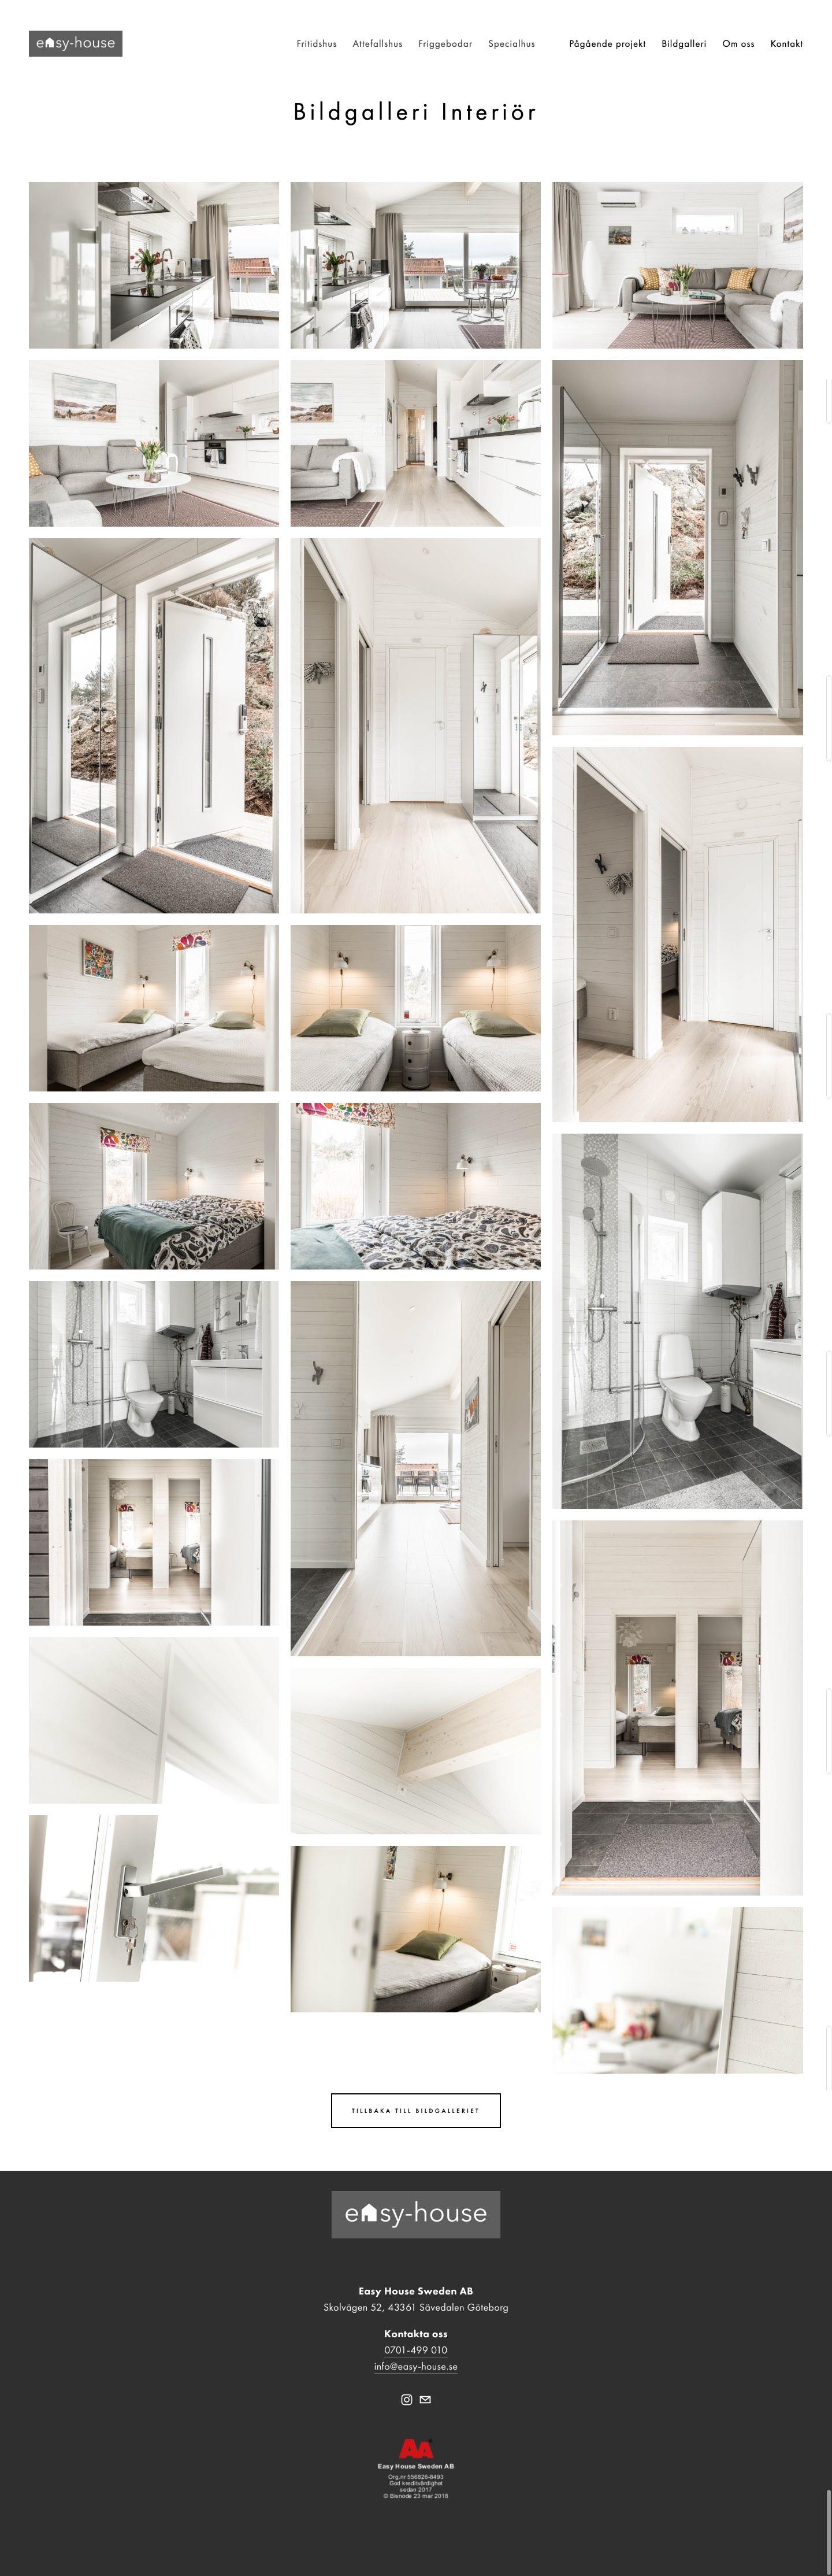 framtidens-webbyrå-blogg-fotografering-för-easy-house-bildgalleri.jpg